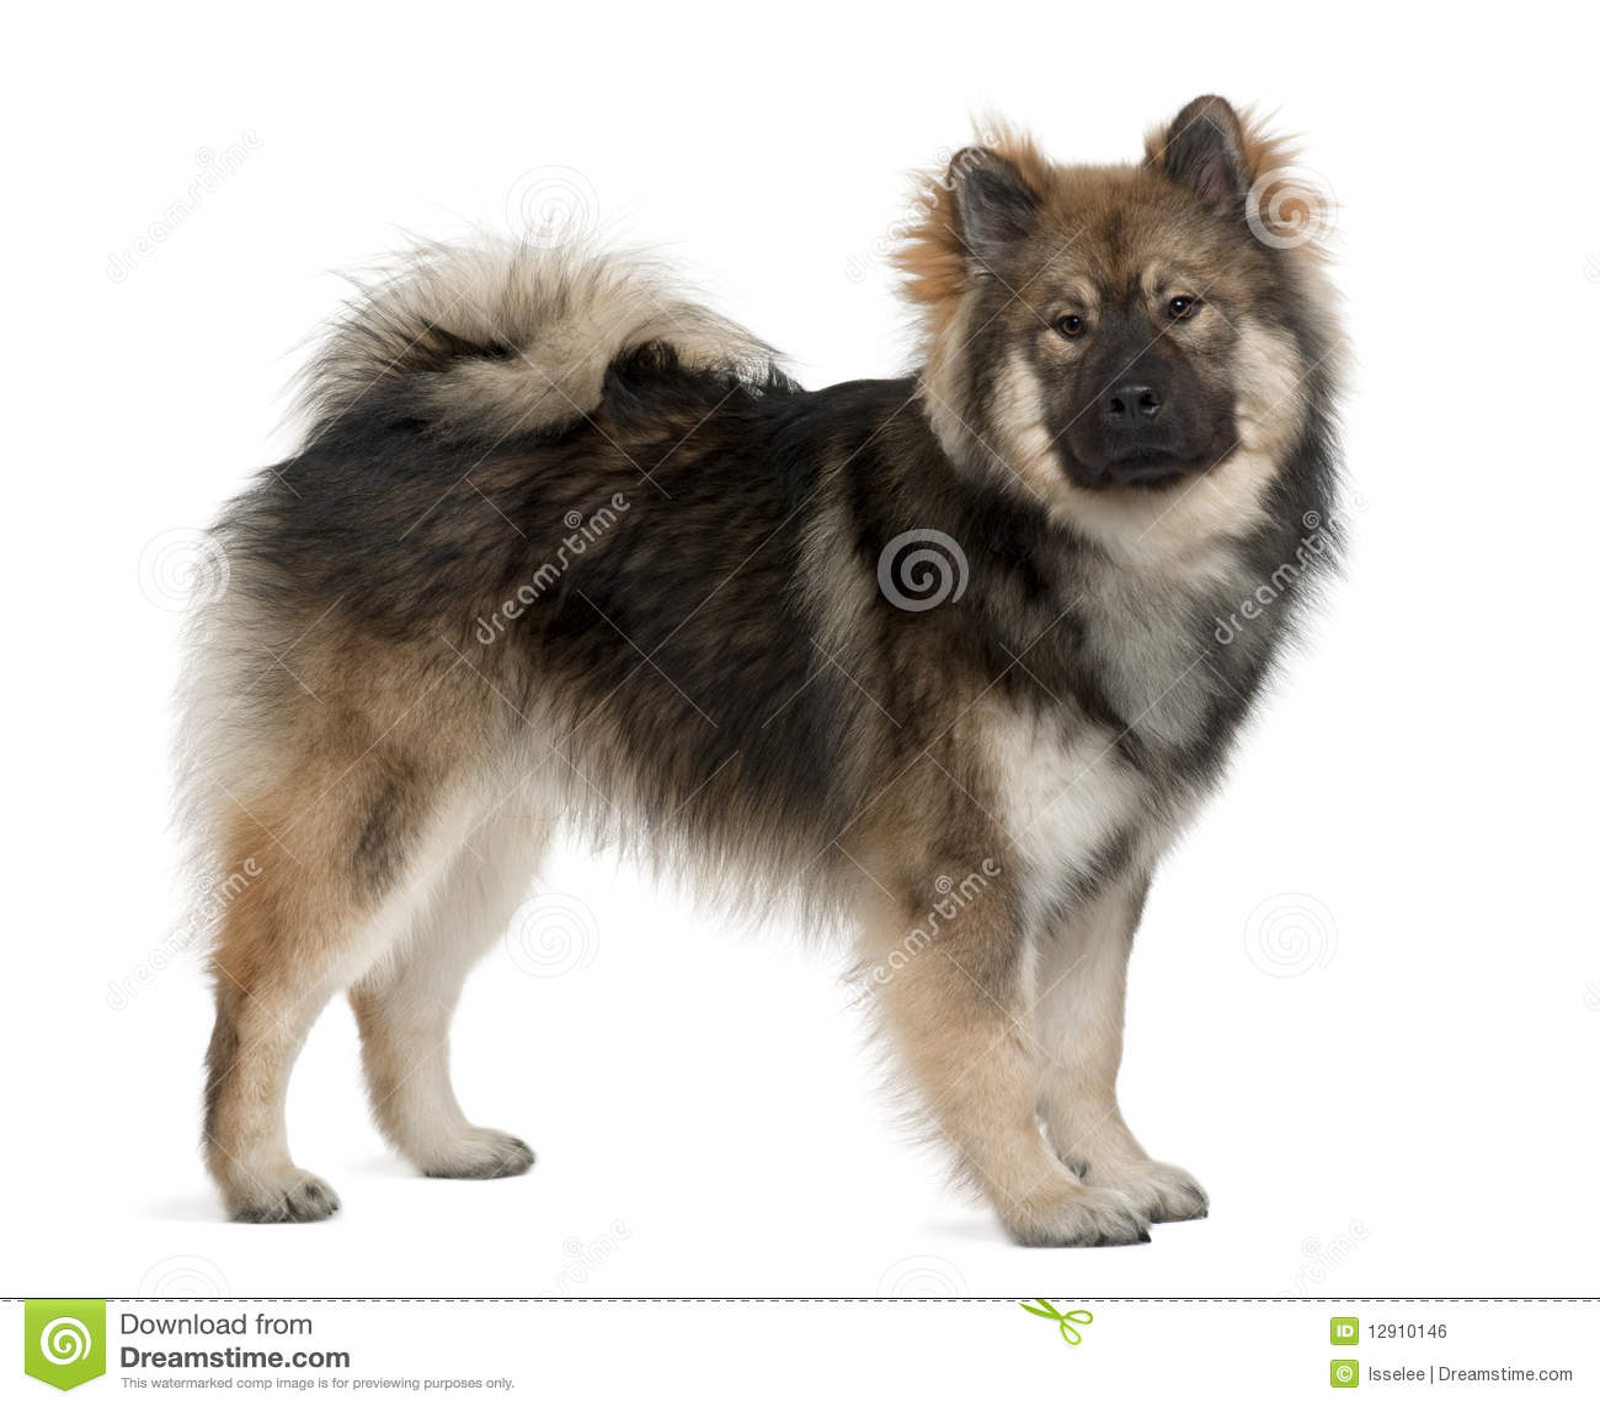 Profil des Eurasier Hundes, stehend